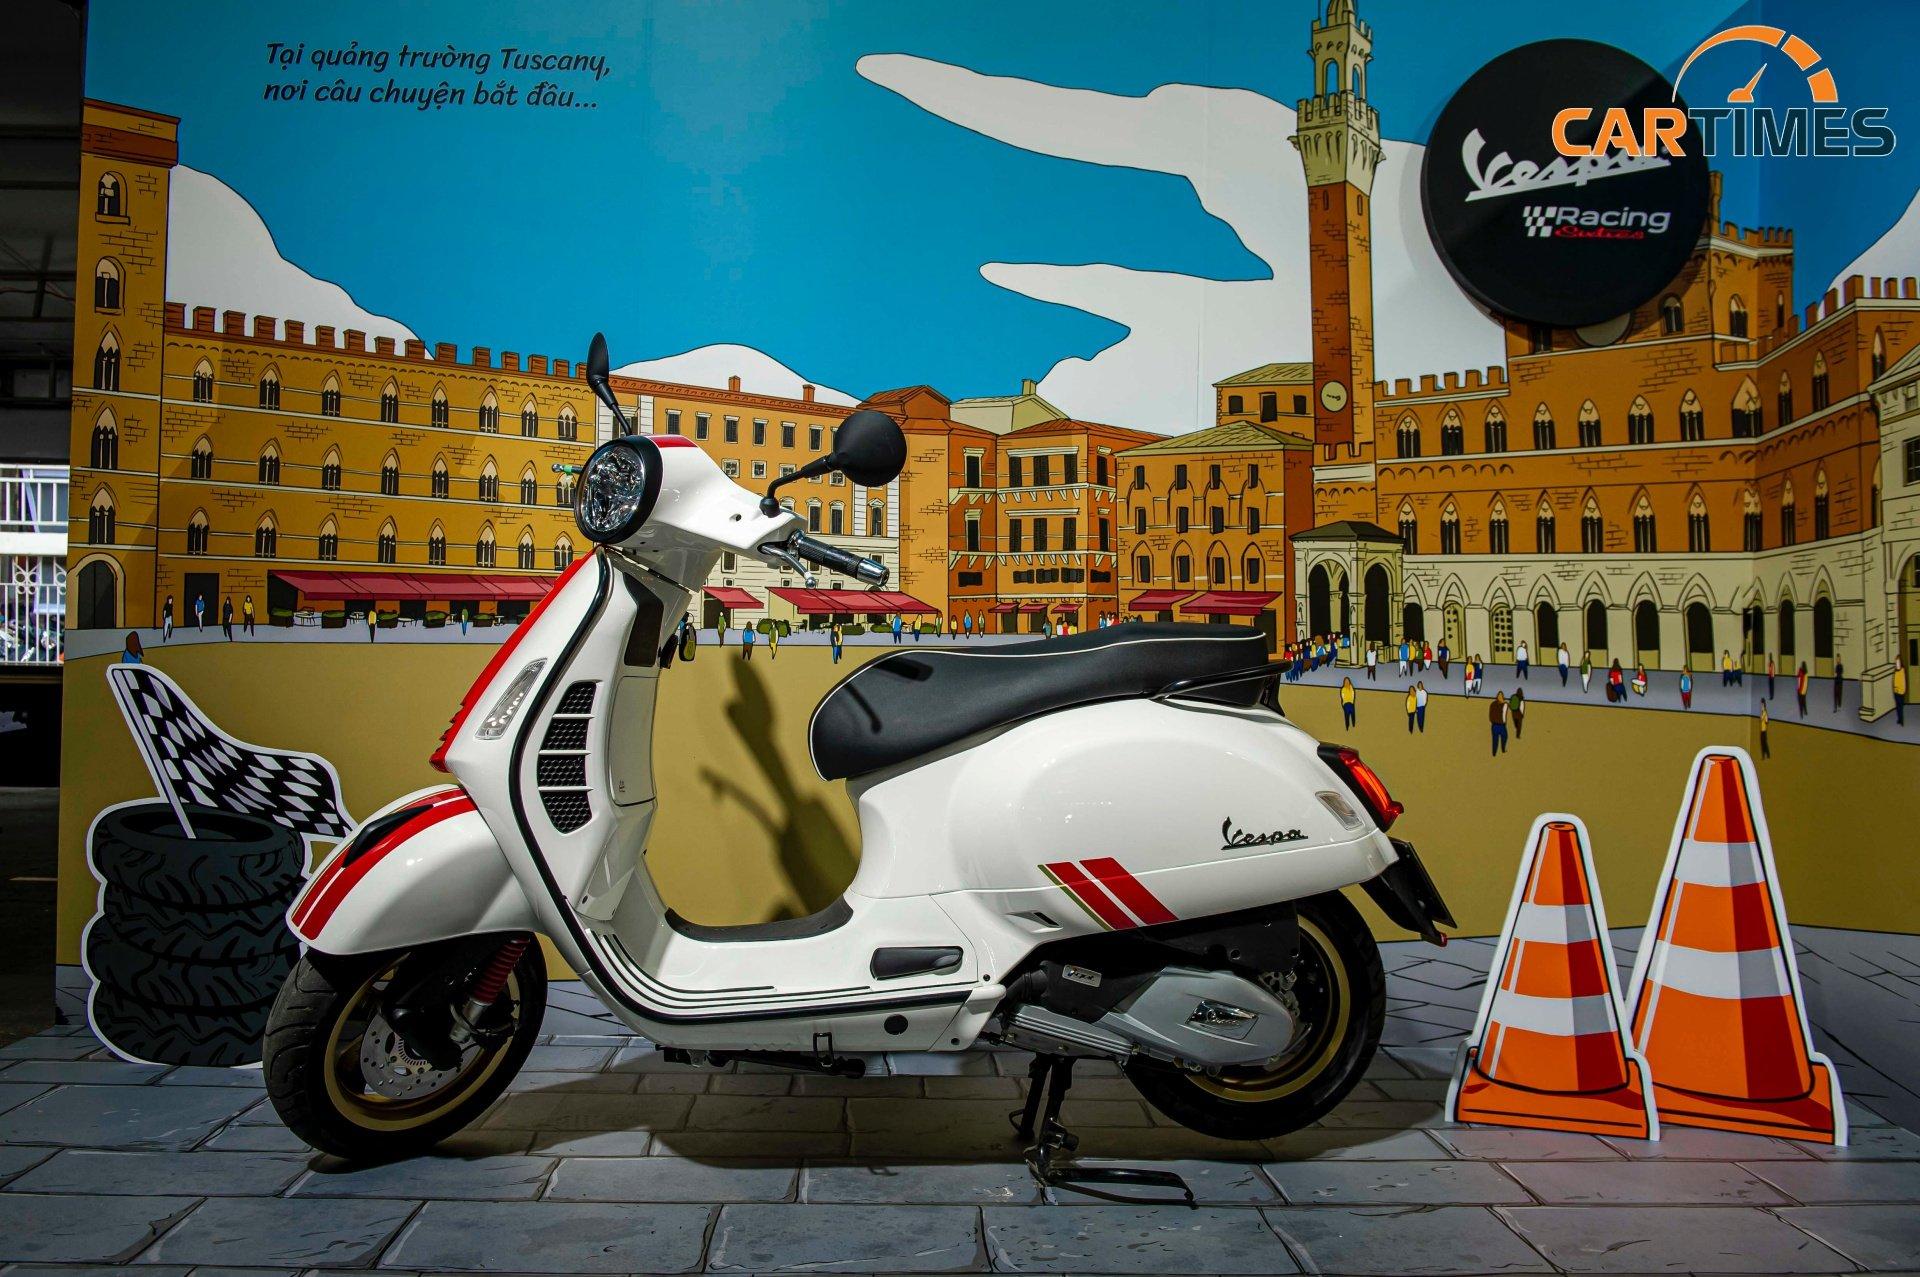 Vespa Racing Sixties phong cách xe đua ra mắt thị trường Việt Nam, giá từ 95 triệu đồng -3